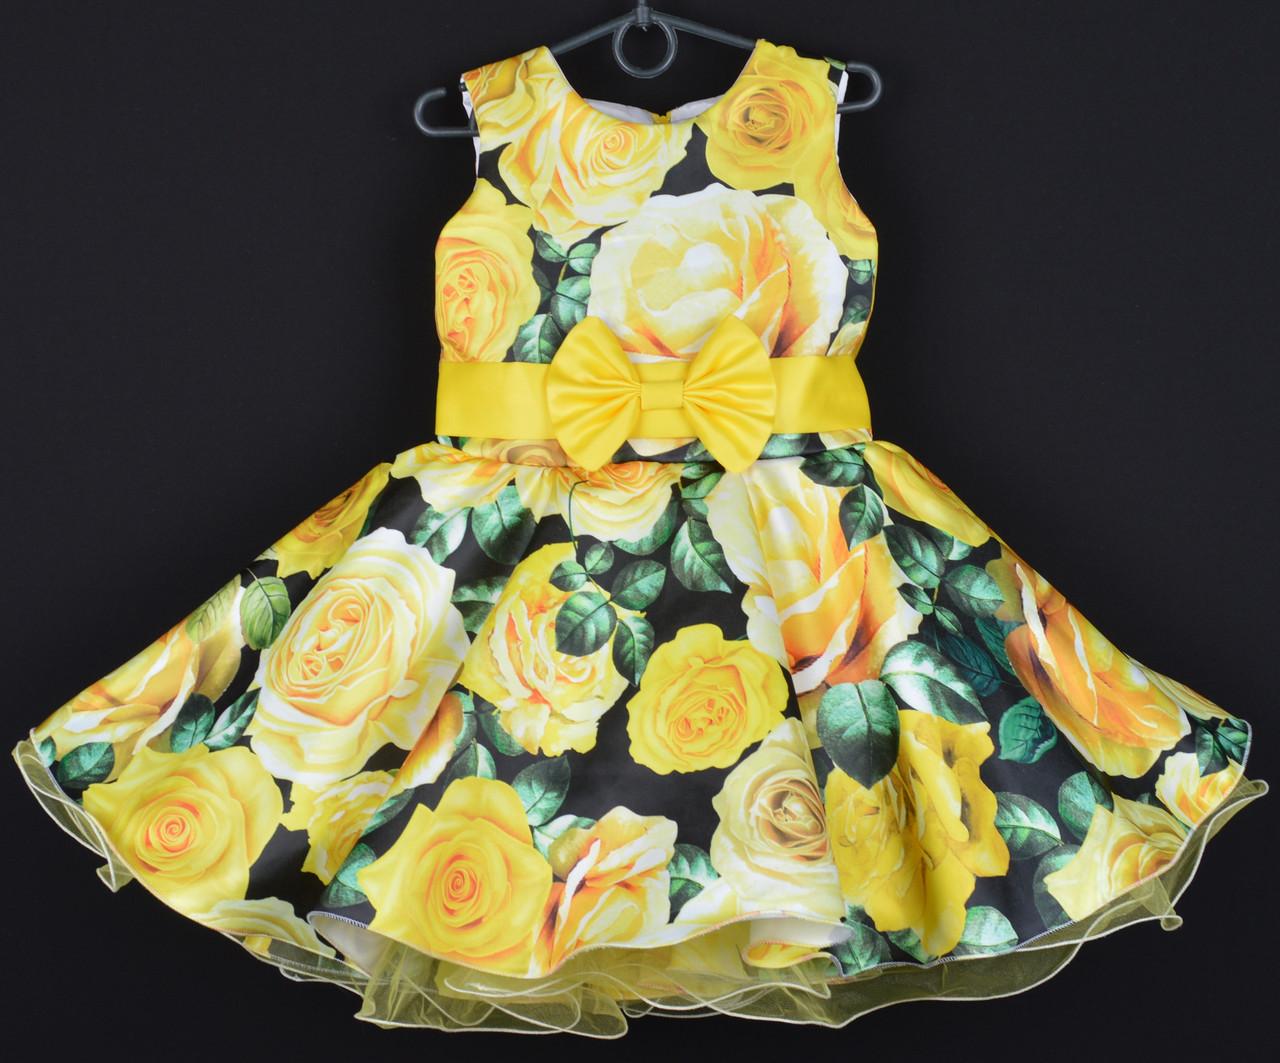 """Платье нарядное детское """"Синтия"""" 6-7 лет. С желтым цветочным принтом. Оптом и в розницу"""